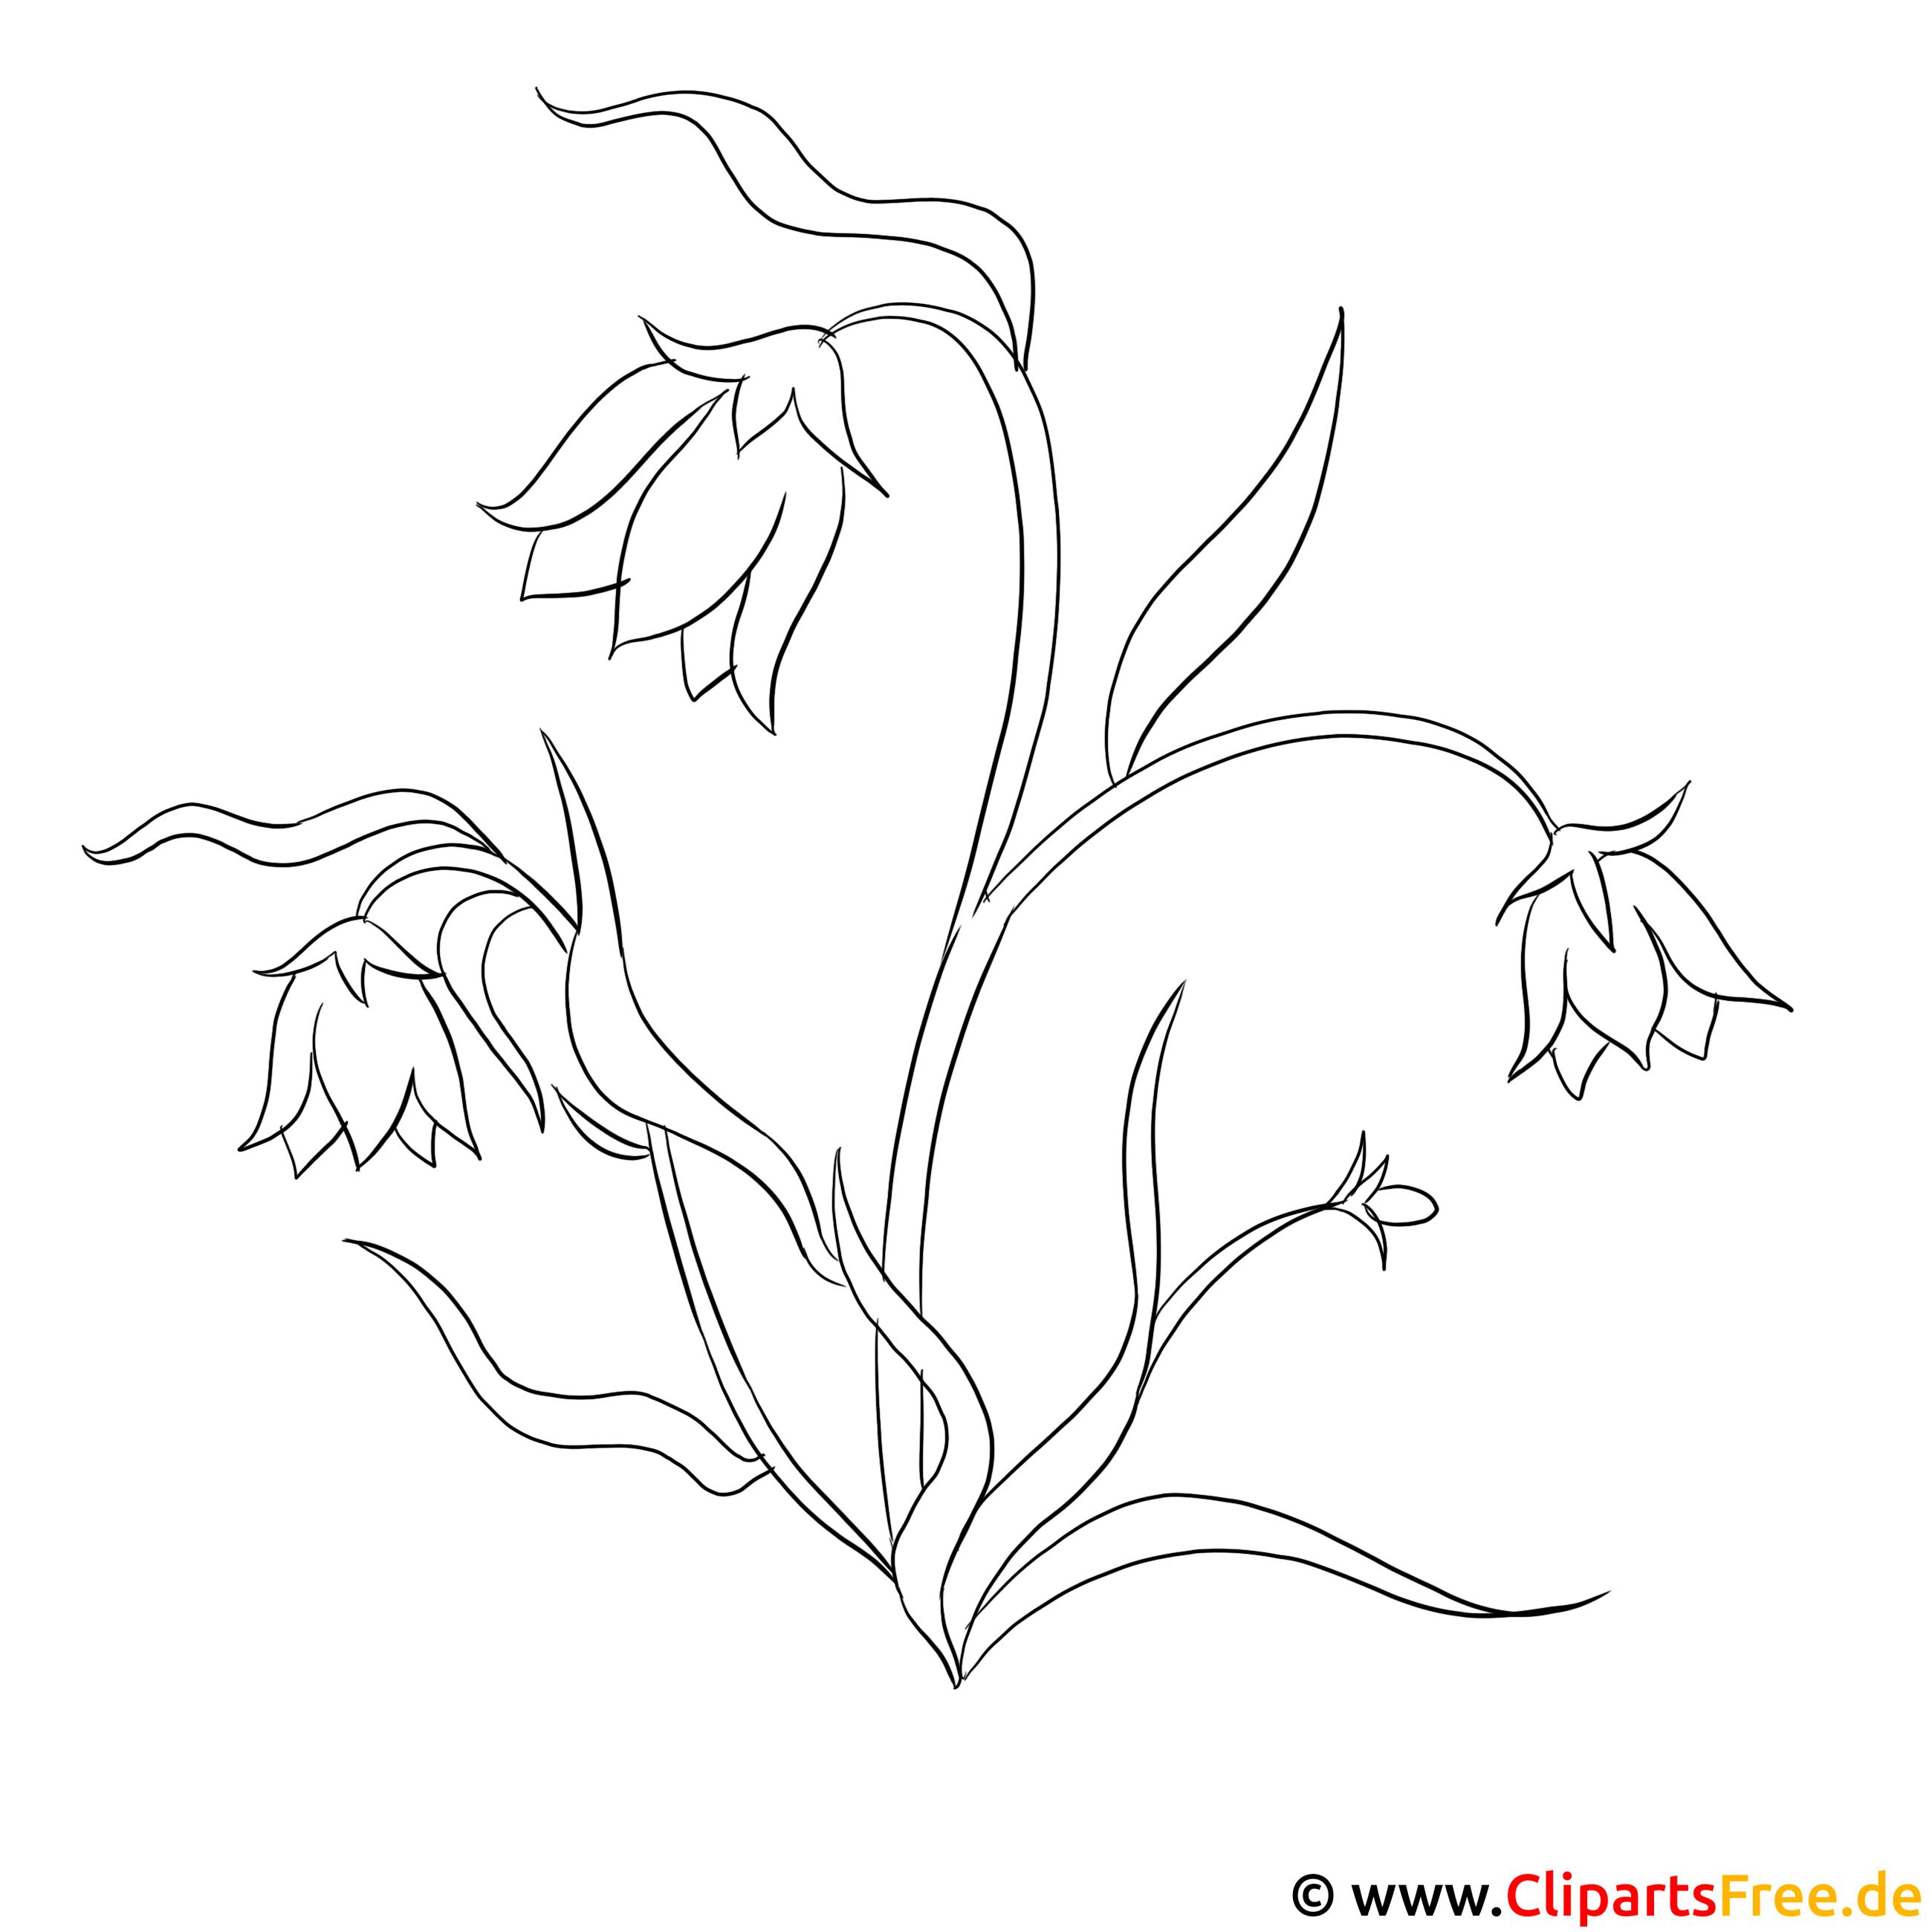 Feldblumen Malvorlagen kostenlos